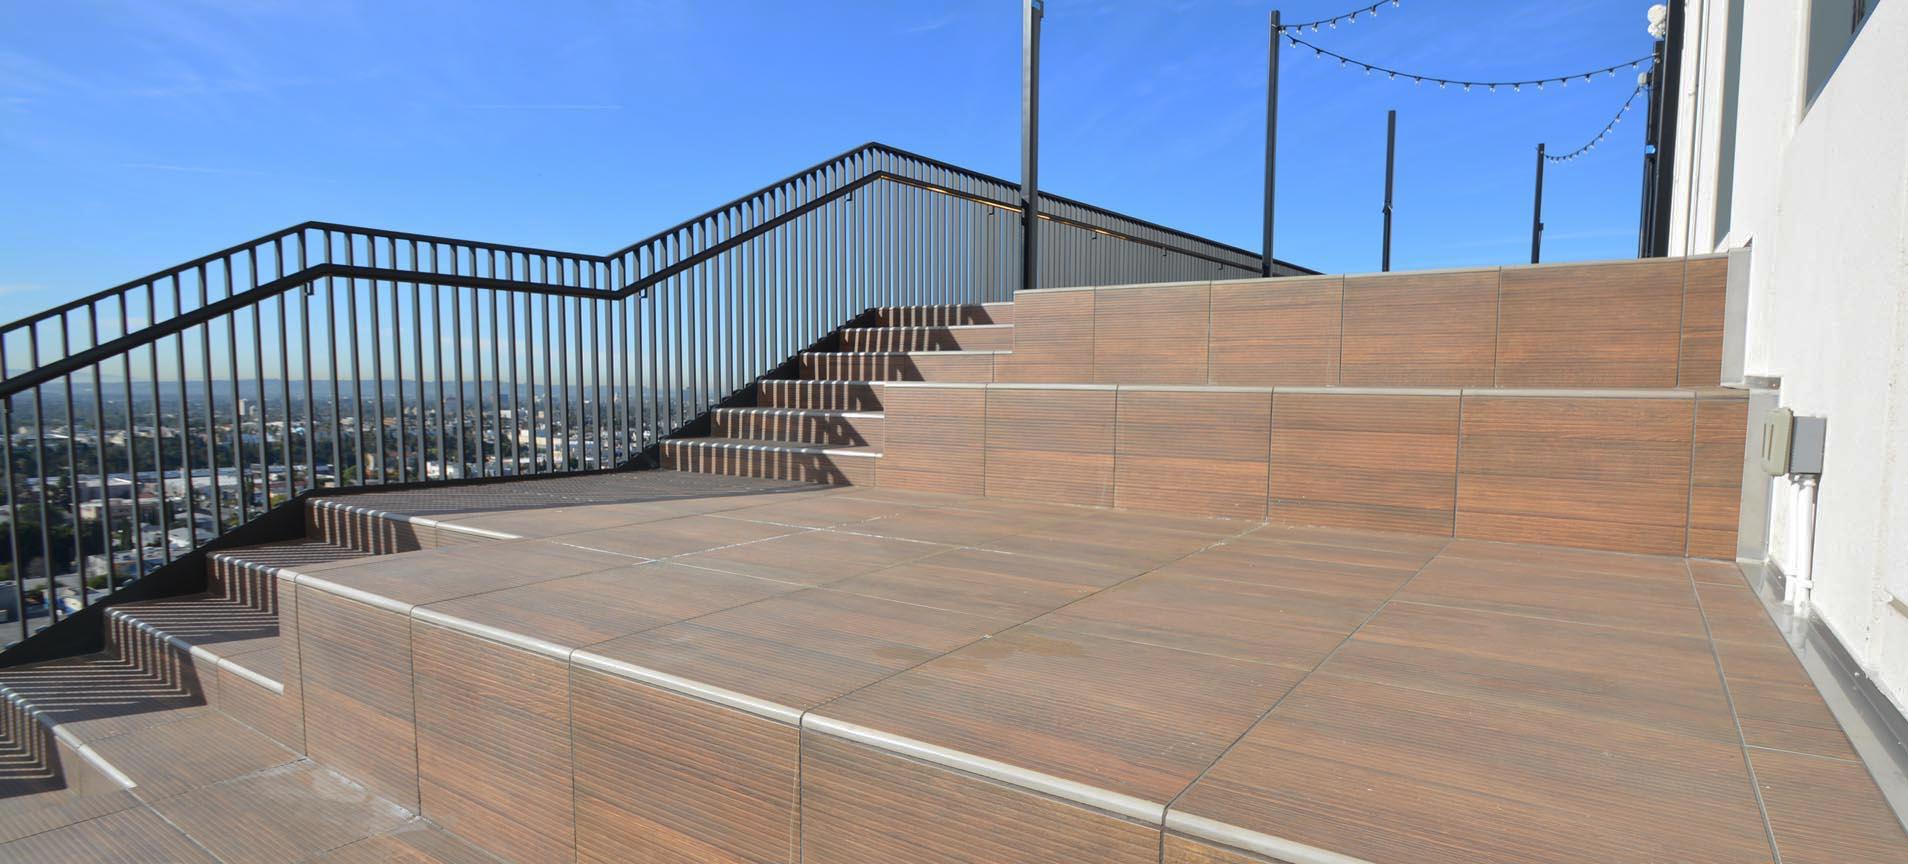 Netflix Campus Rooftop Deck Tile Tech Pavers 174